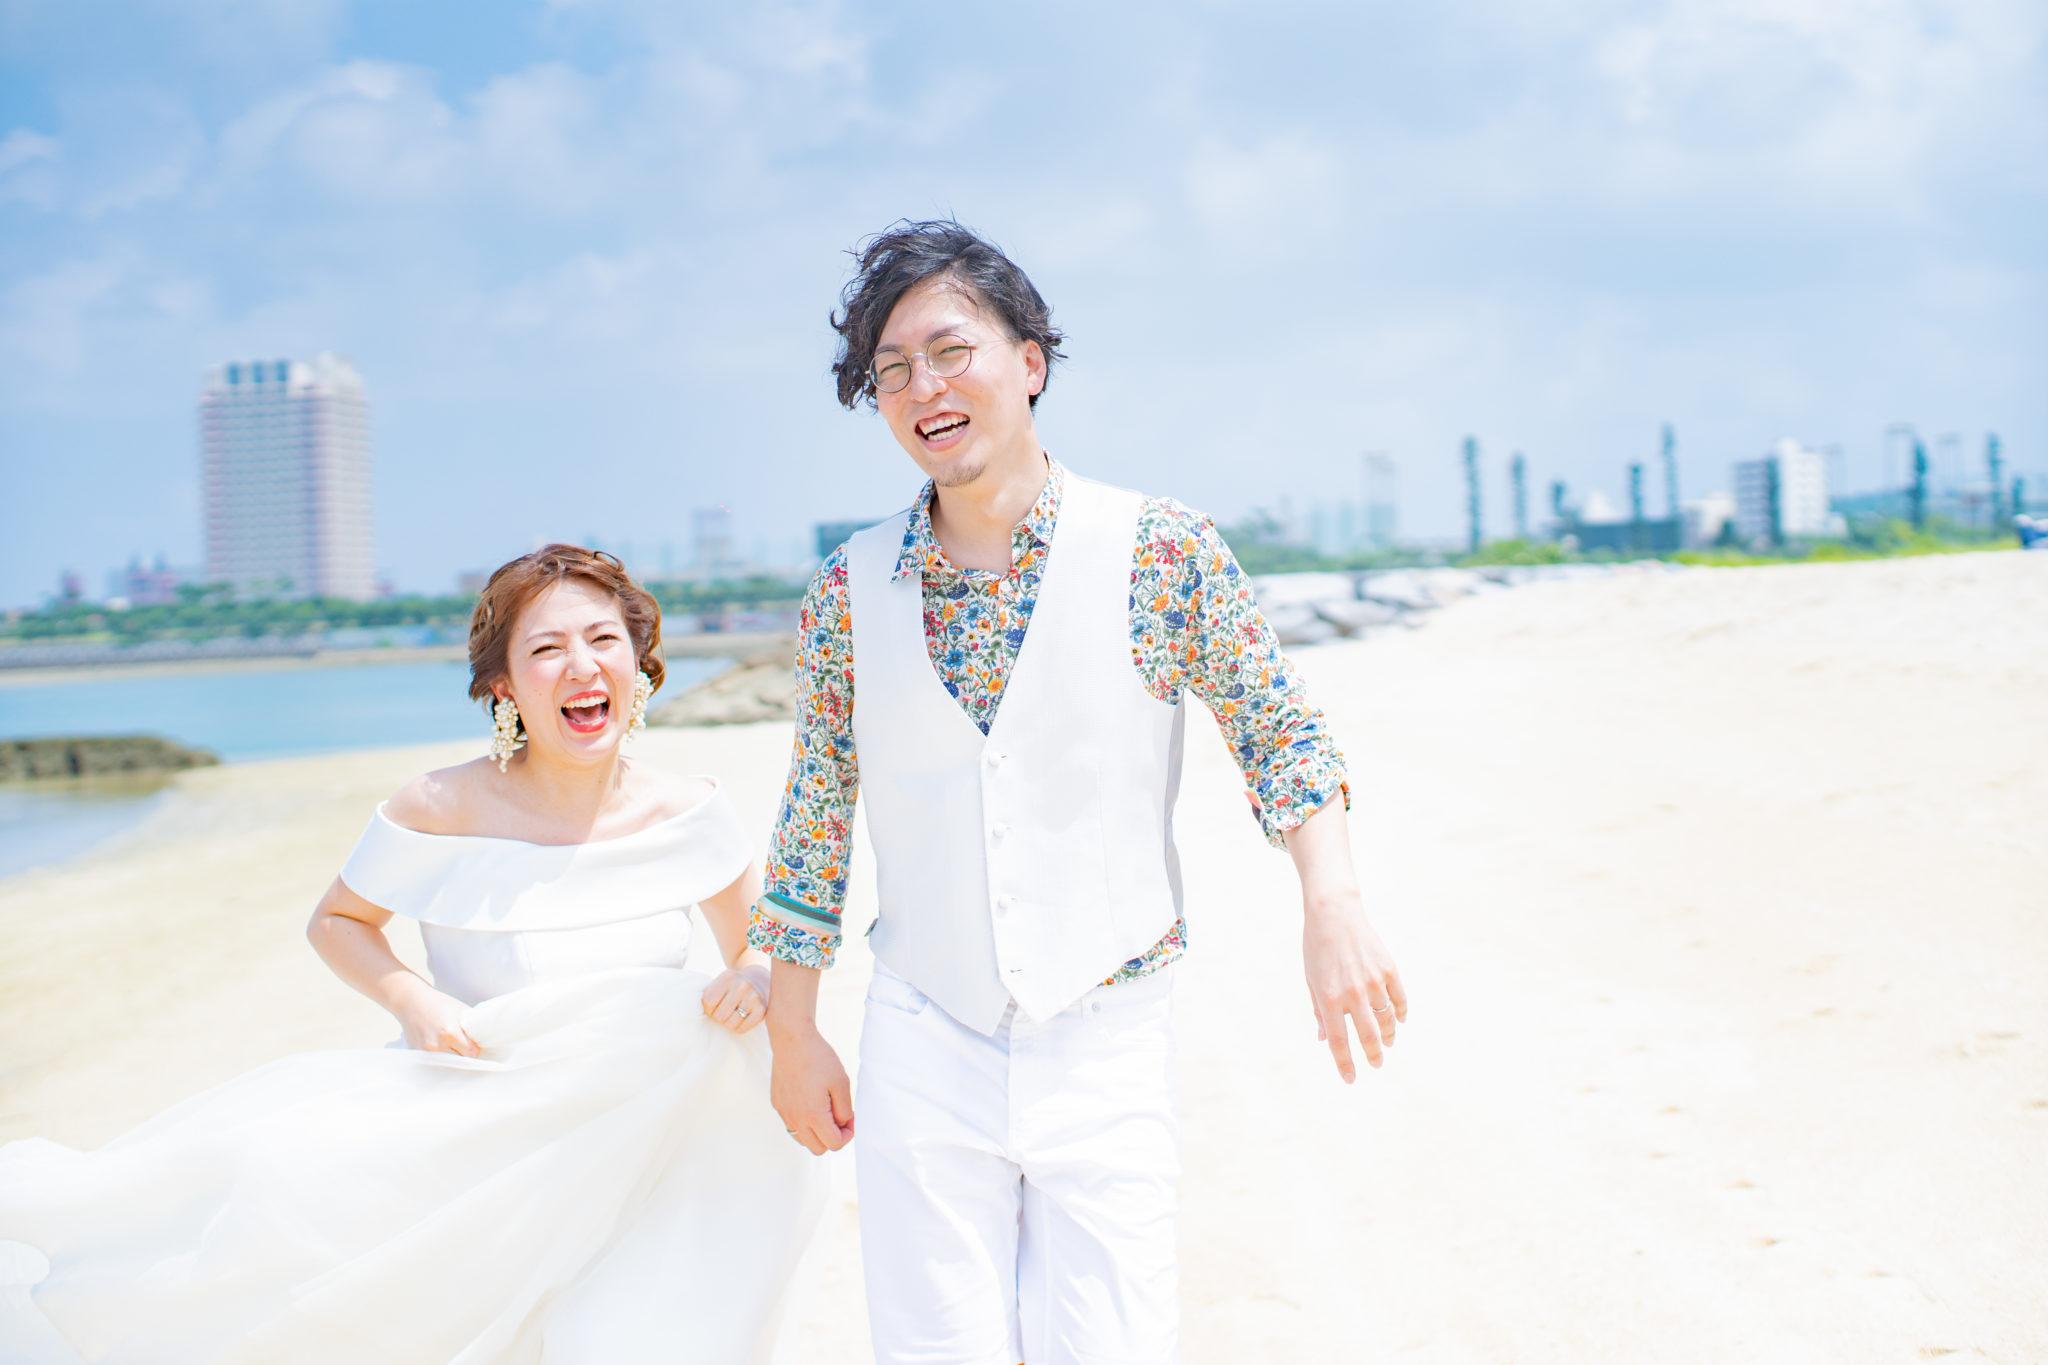 フォトウェディング,結婚写真,ロケ,沖縄